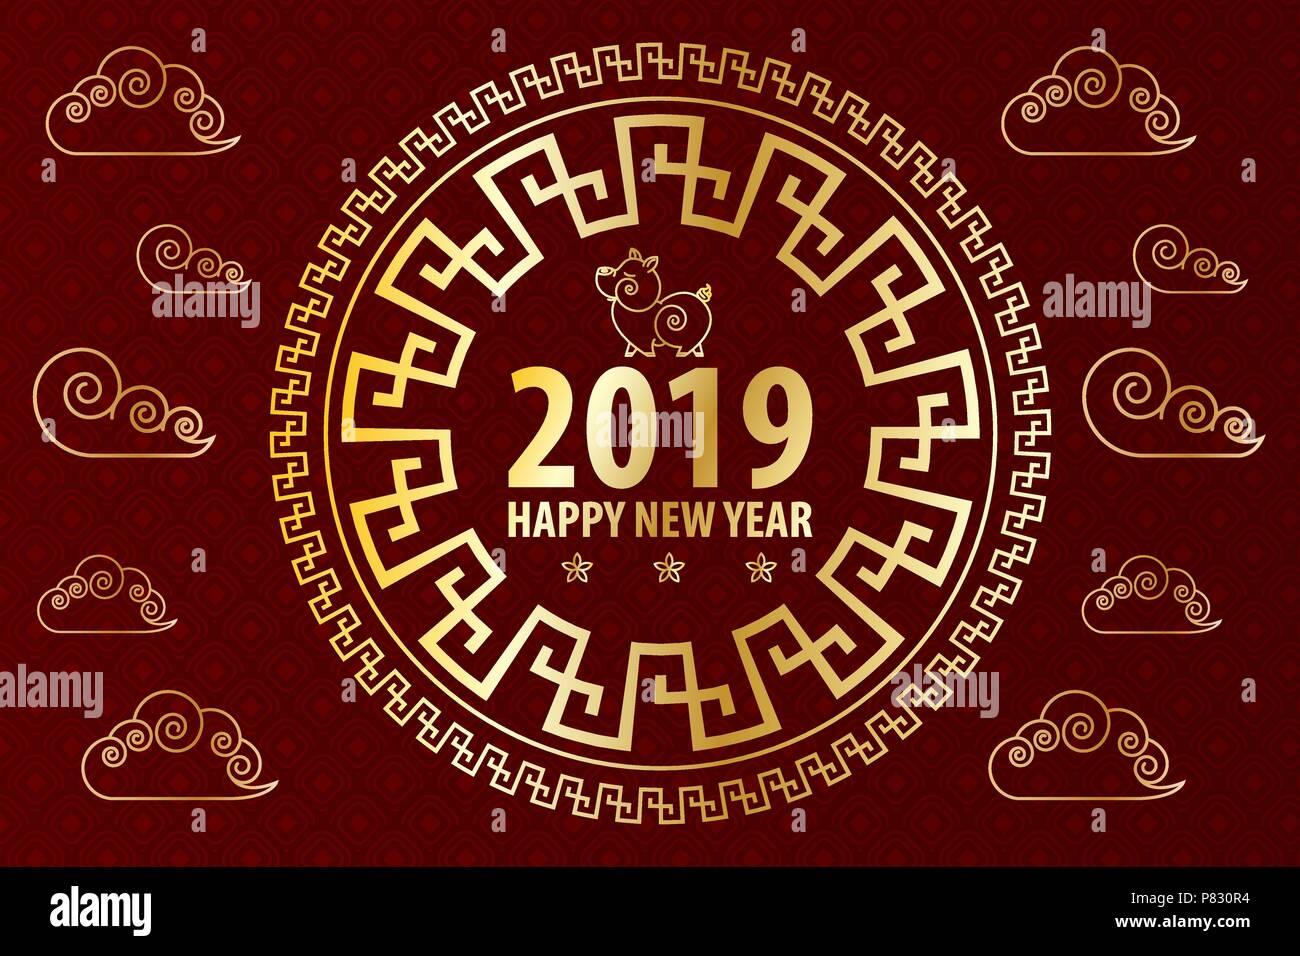 Lunar New Year 2019 Frame